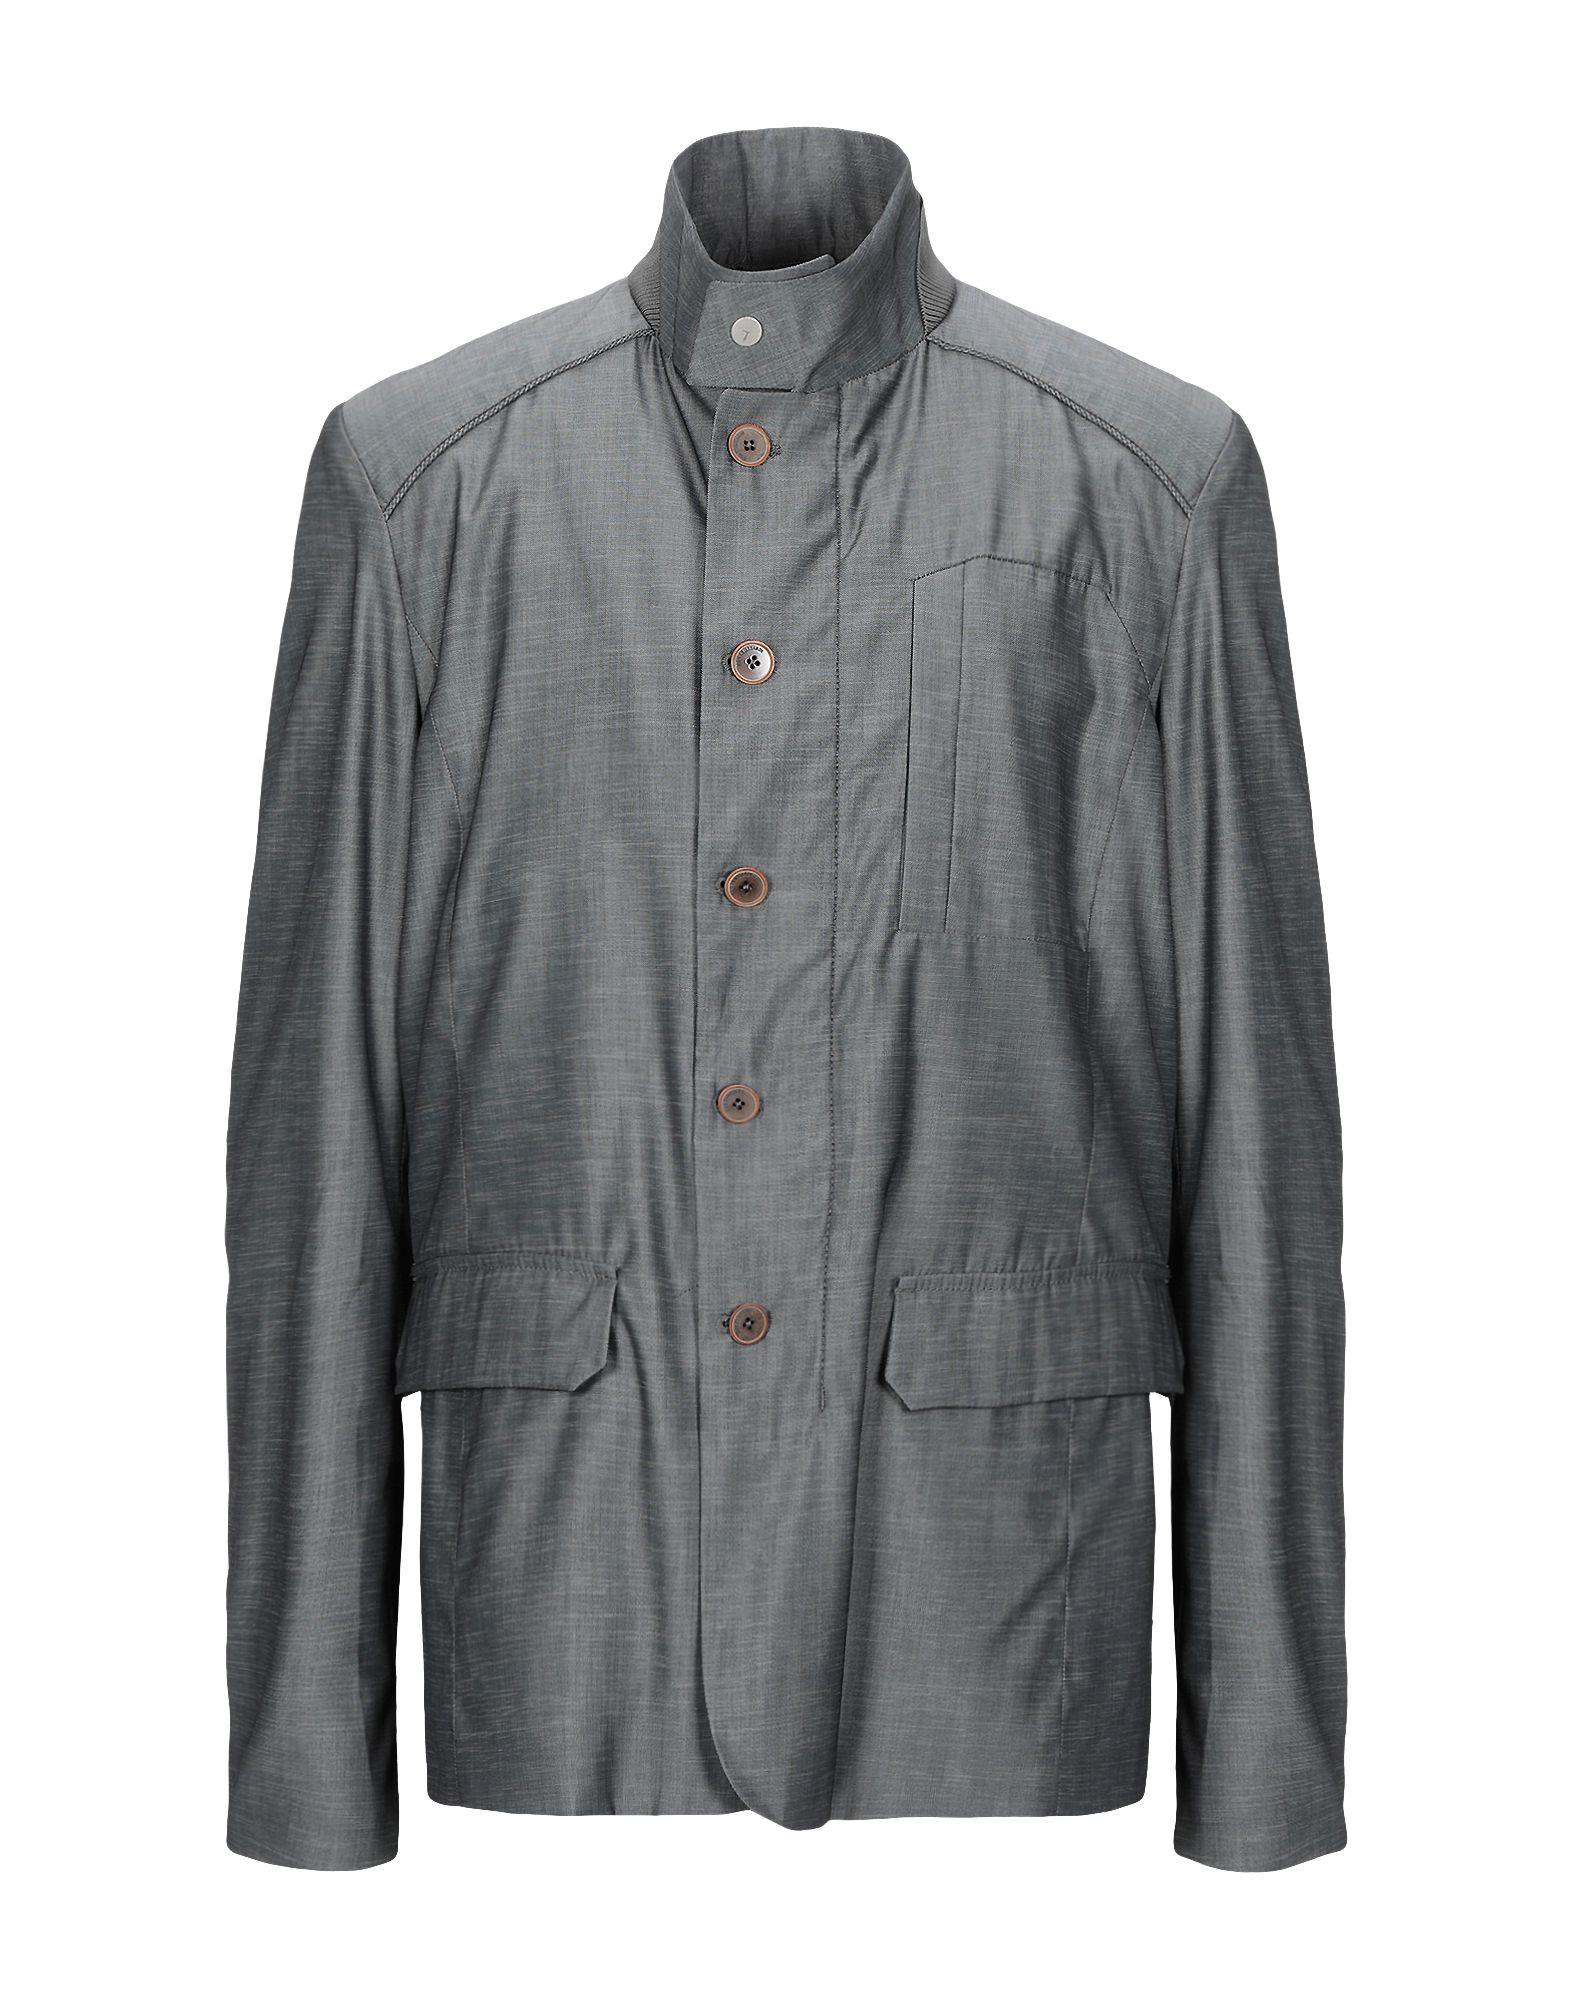 TRU TRUSSARDI Легкое пальто универсальное легкое платье tru trussardi